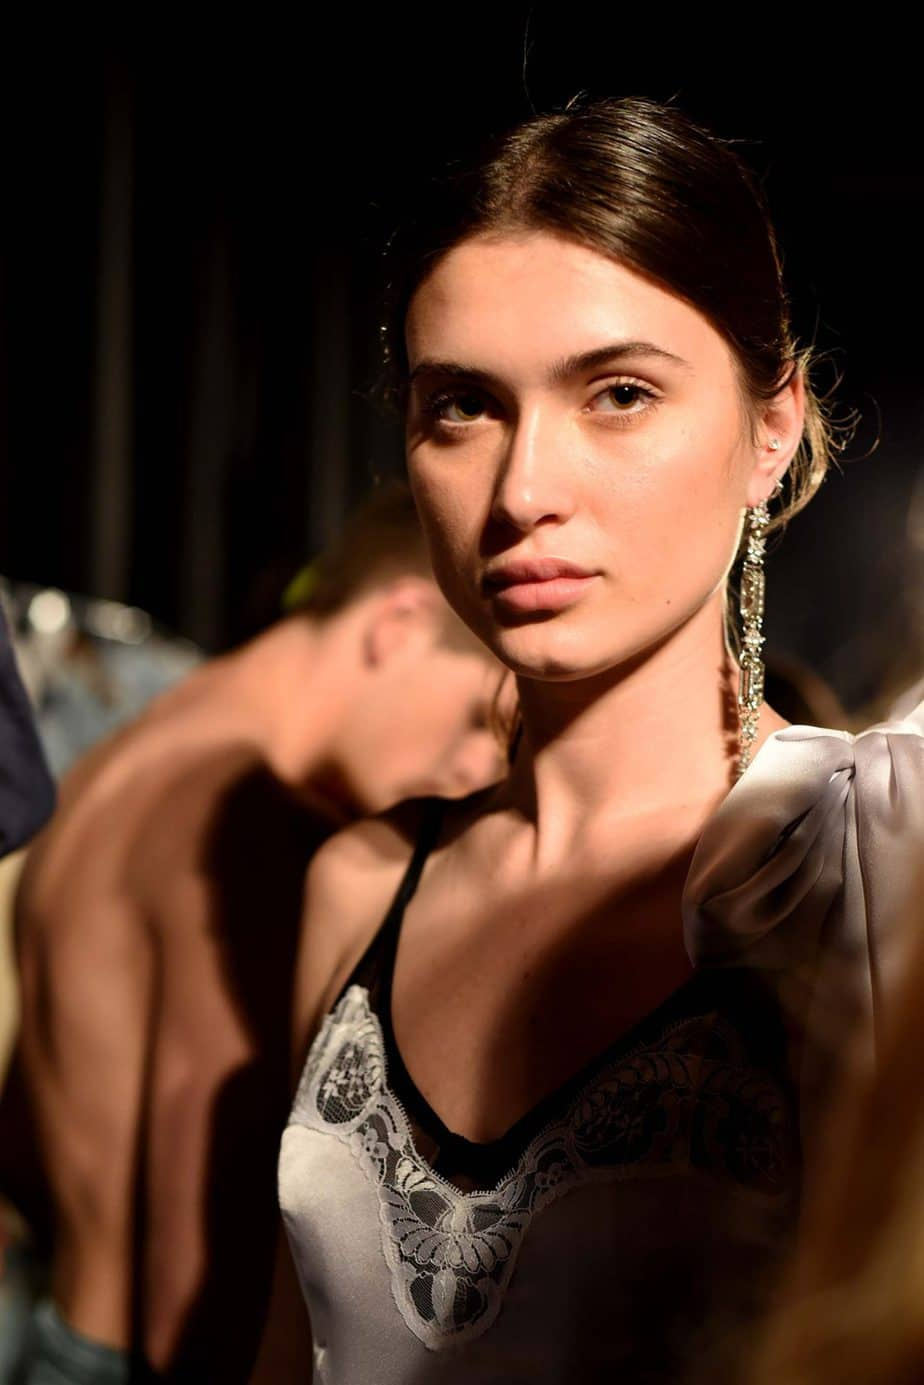 חממת מפעל הפיס. שבוע האופנה תל אביב 2019. צילום לימור יערי - 6